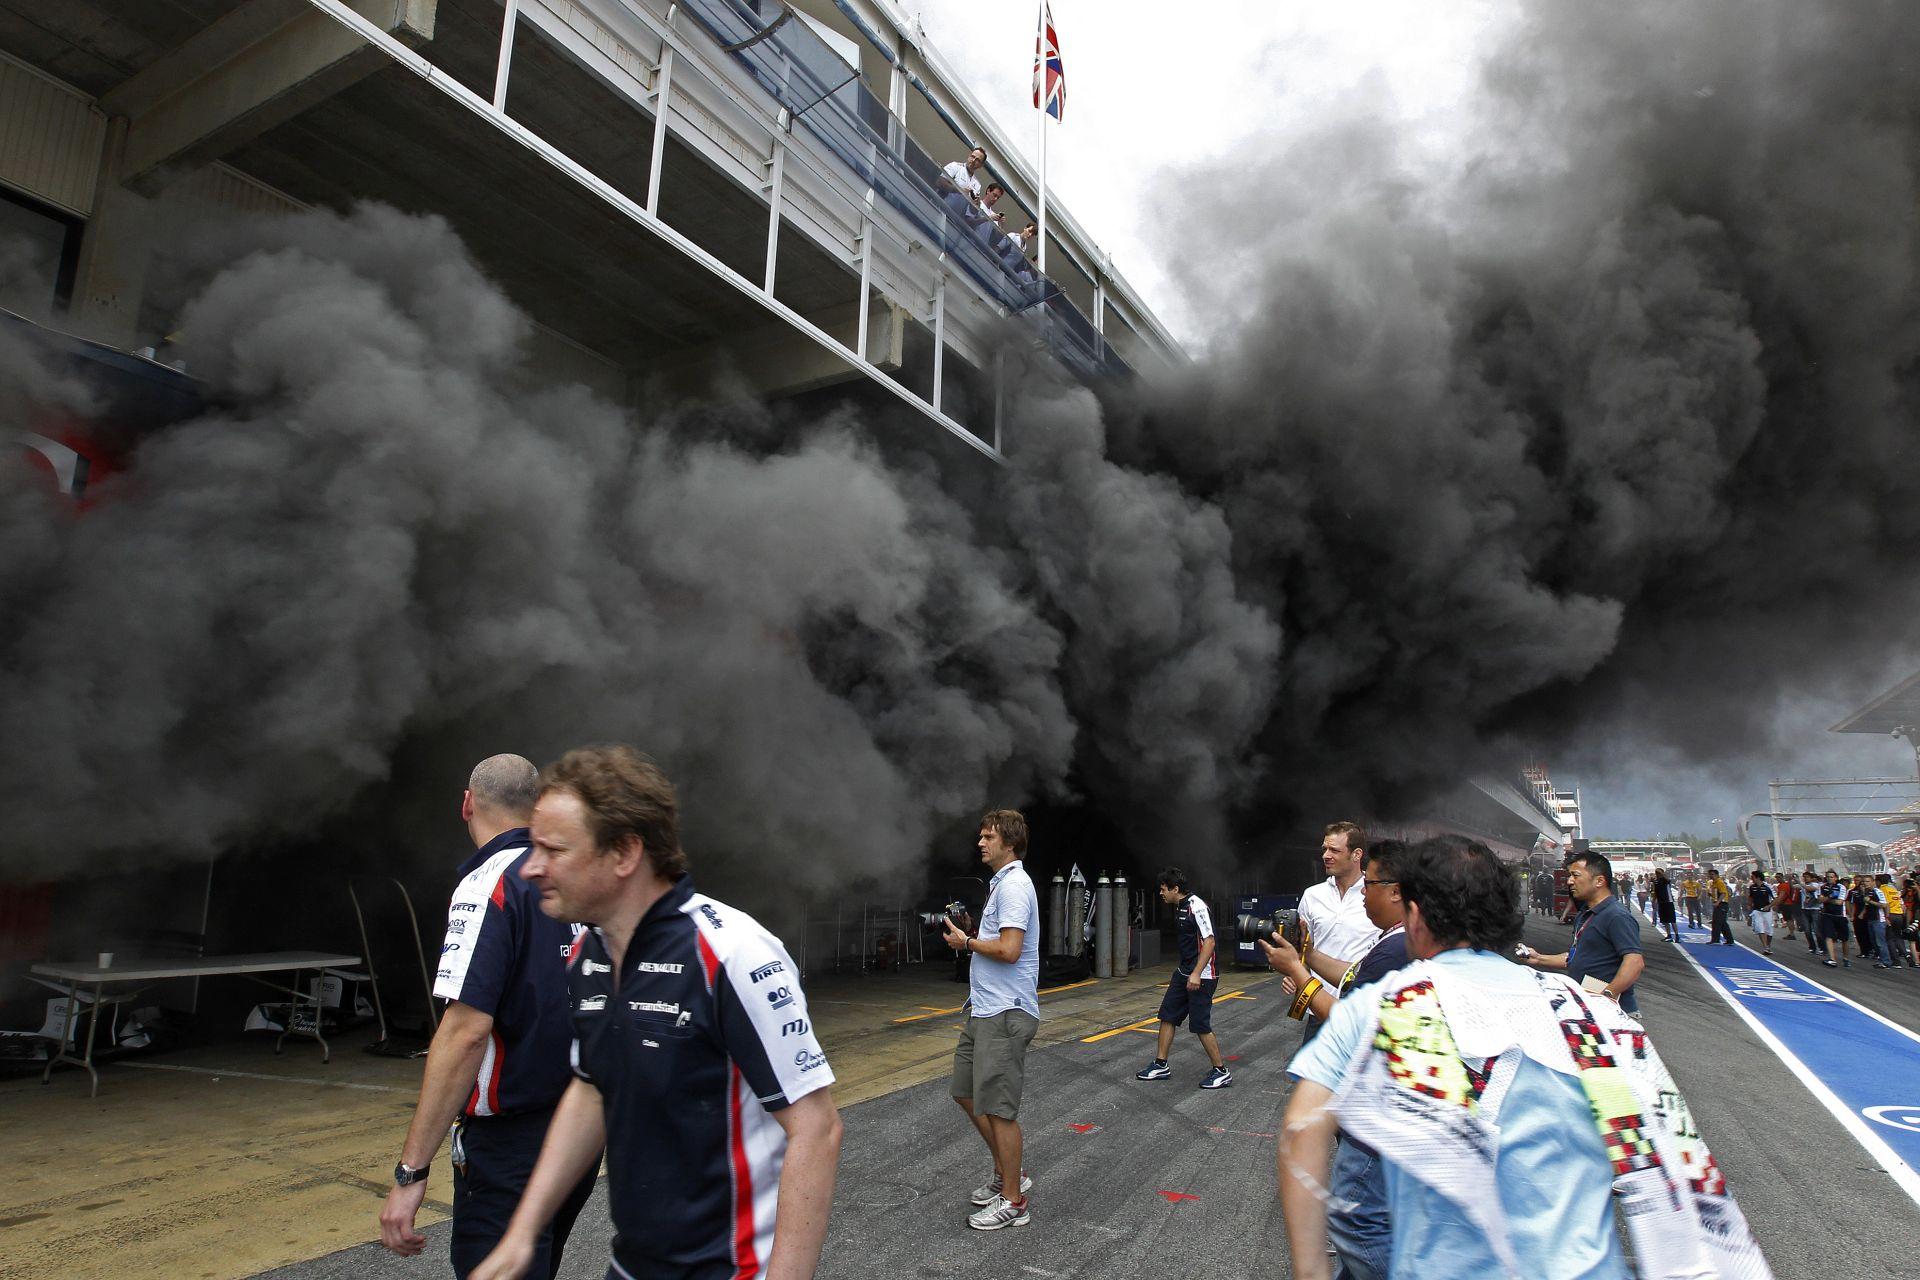 Nem akarnak porig égő garázsokat: új tűzvédelmi rendszer az F1-ben